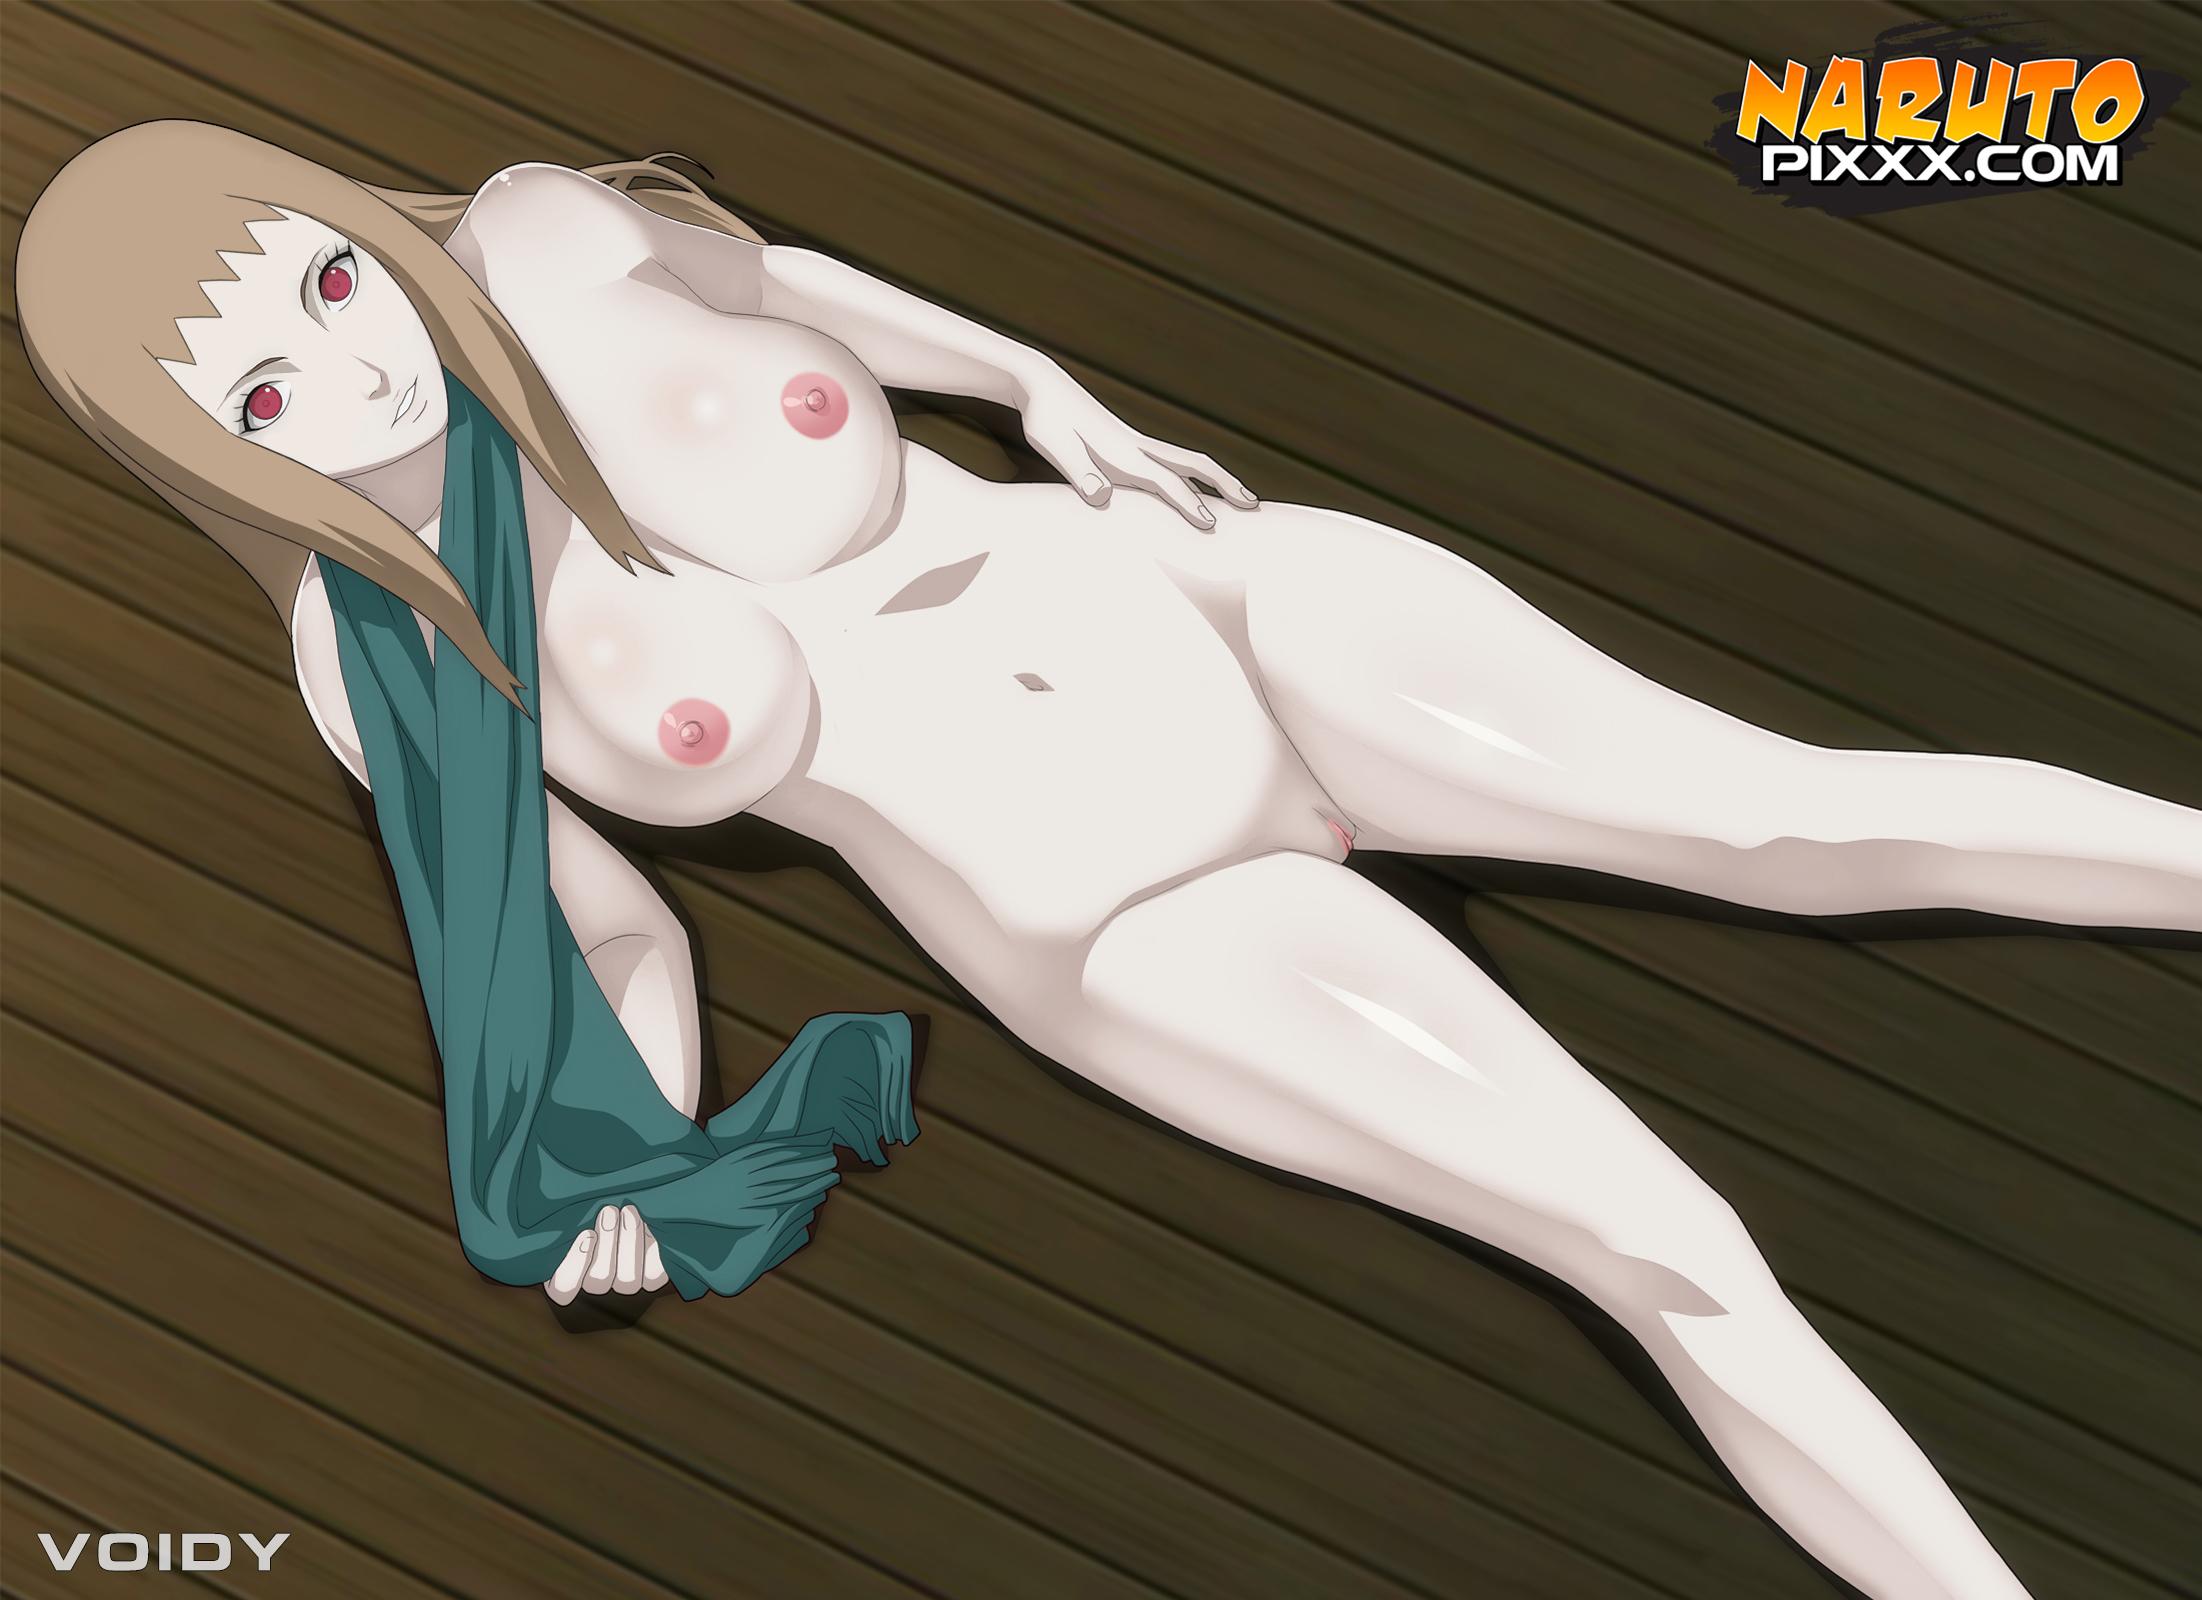 NARUTO pixxx yakumo rext202 kamira